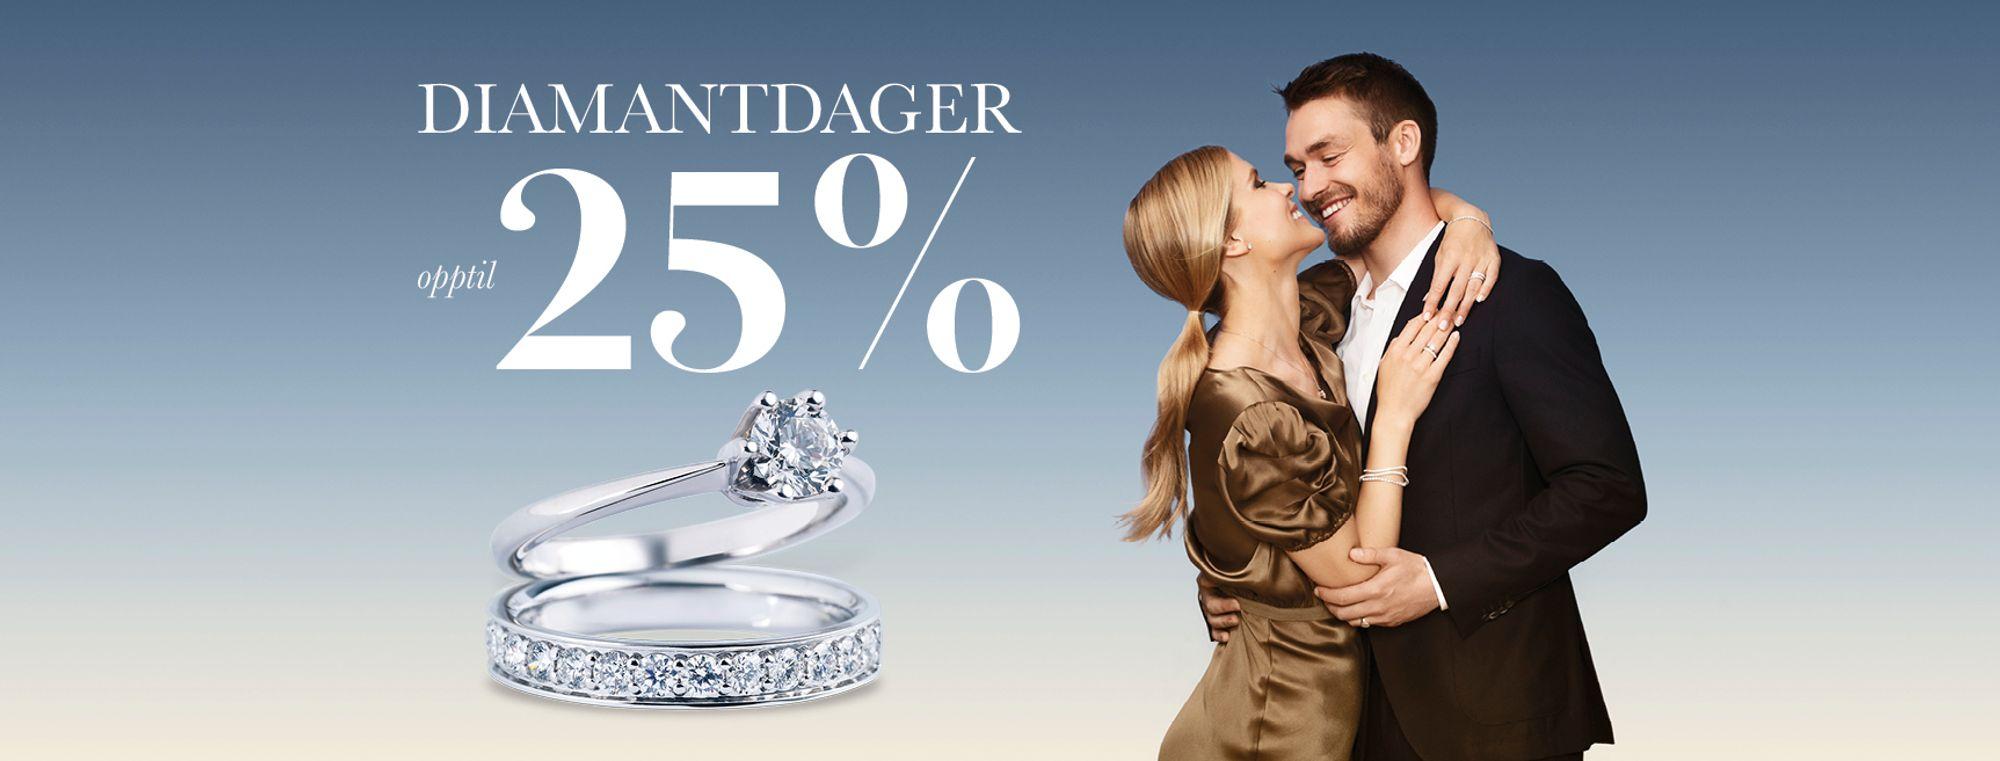 Diamantdager hos Thune på Munch Brygge med opptil 25% rabatt